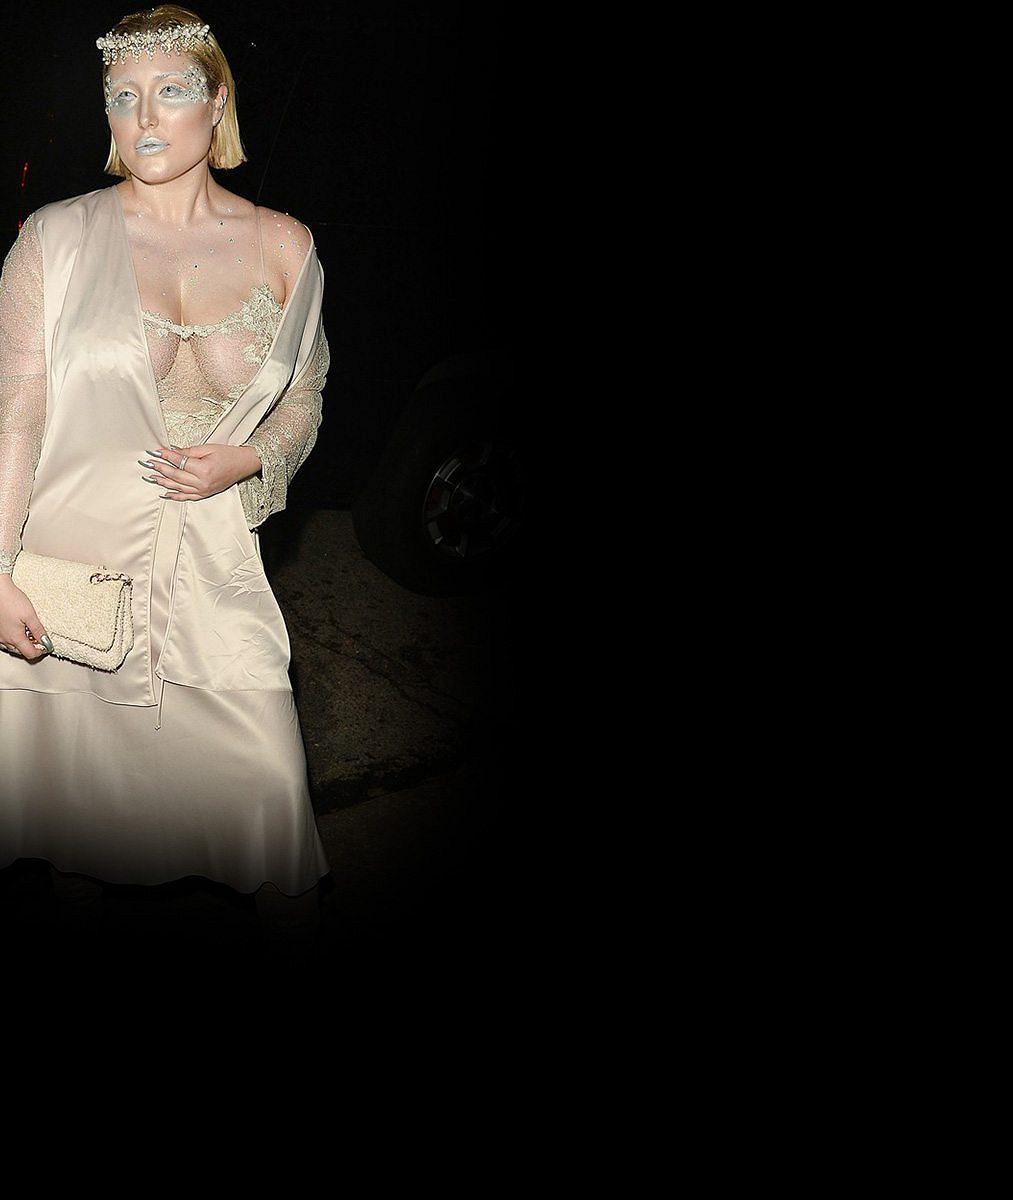 Kyprá dcera Davida Hasselhoffa šokovala nadpozemským kostýmem, odhalila přírodní hrudník číslo pět